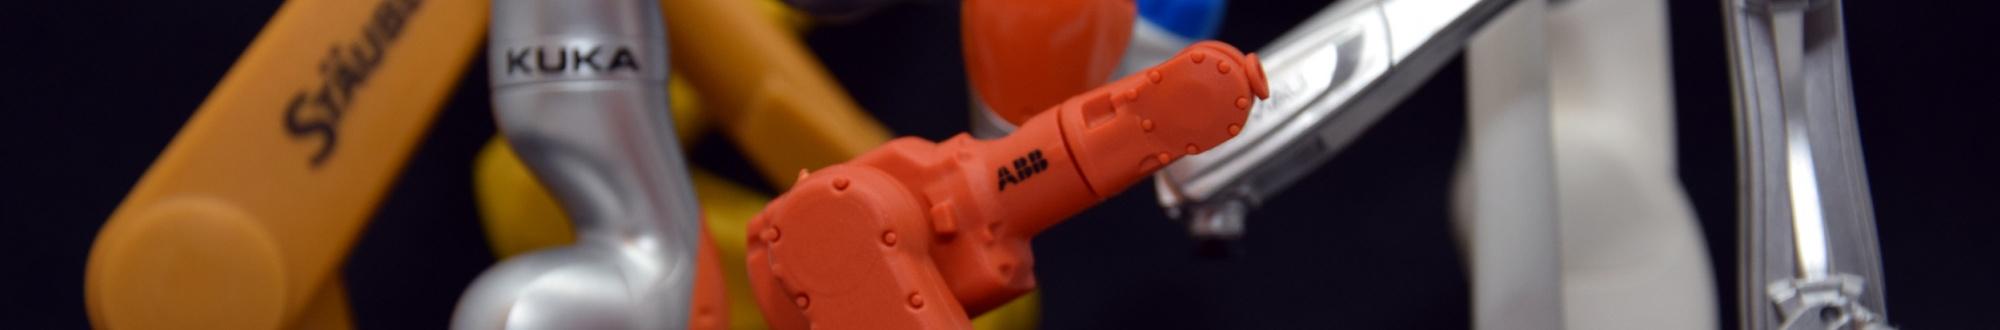 Schräges, futuristisches und humorvolles aus der Welt der Robotik-